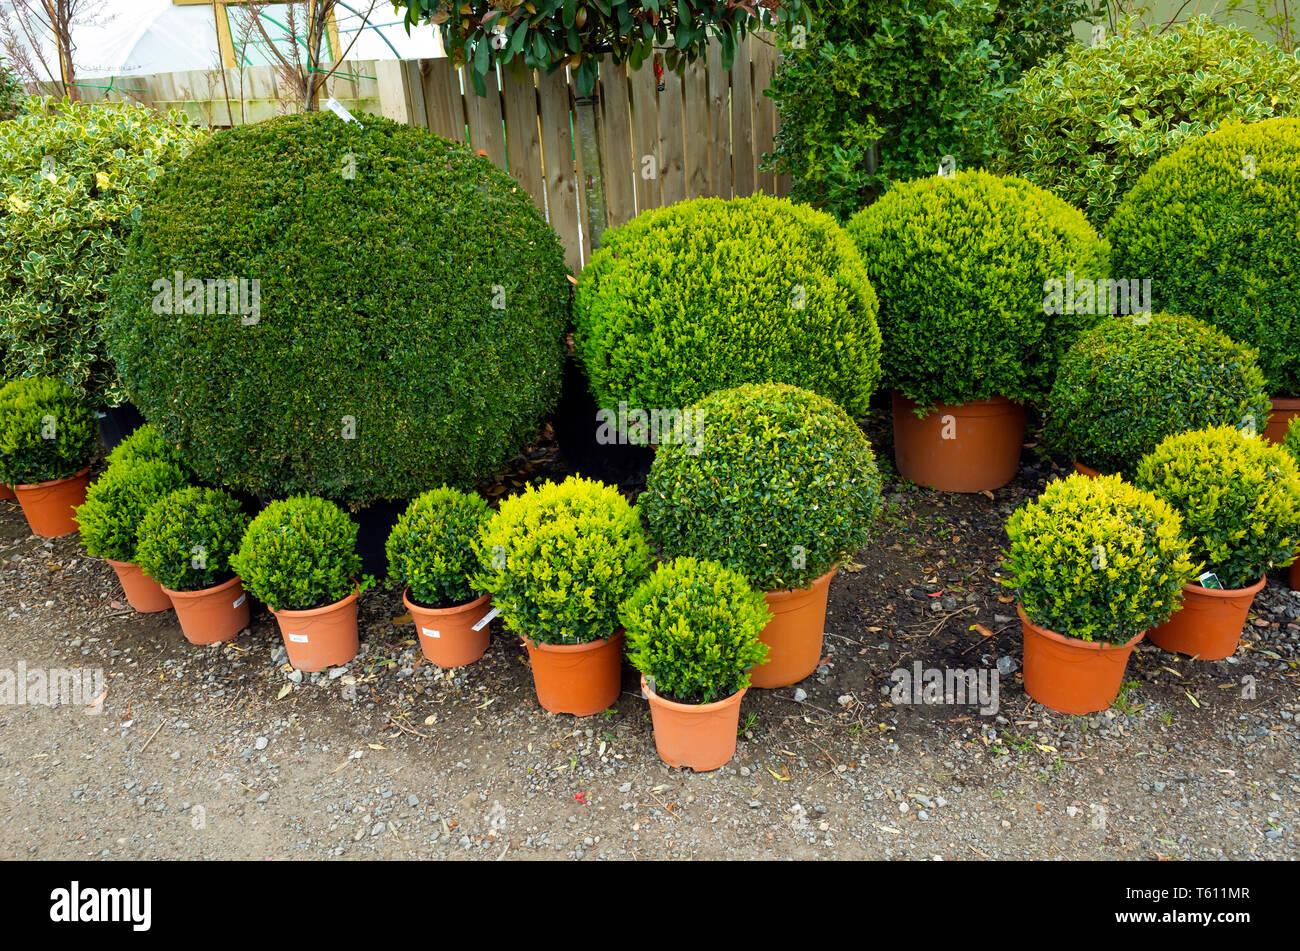 Come Potare A Palla palla buxus immagini & palla buxus fotos stock - alamy